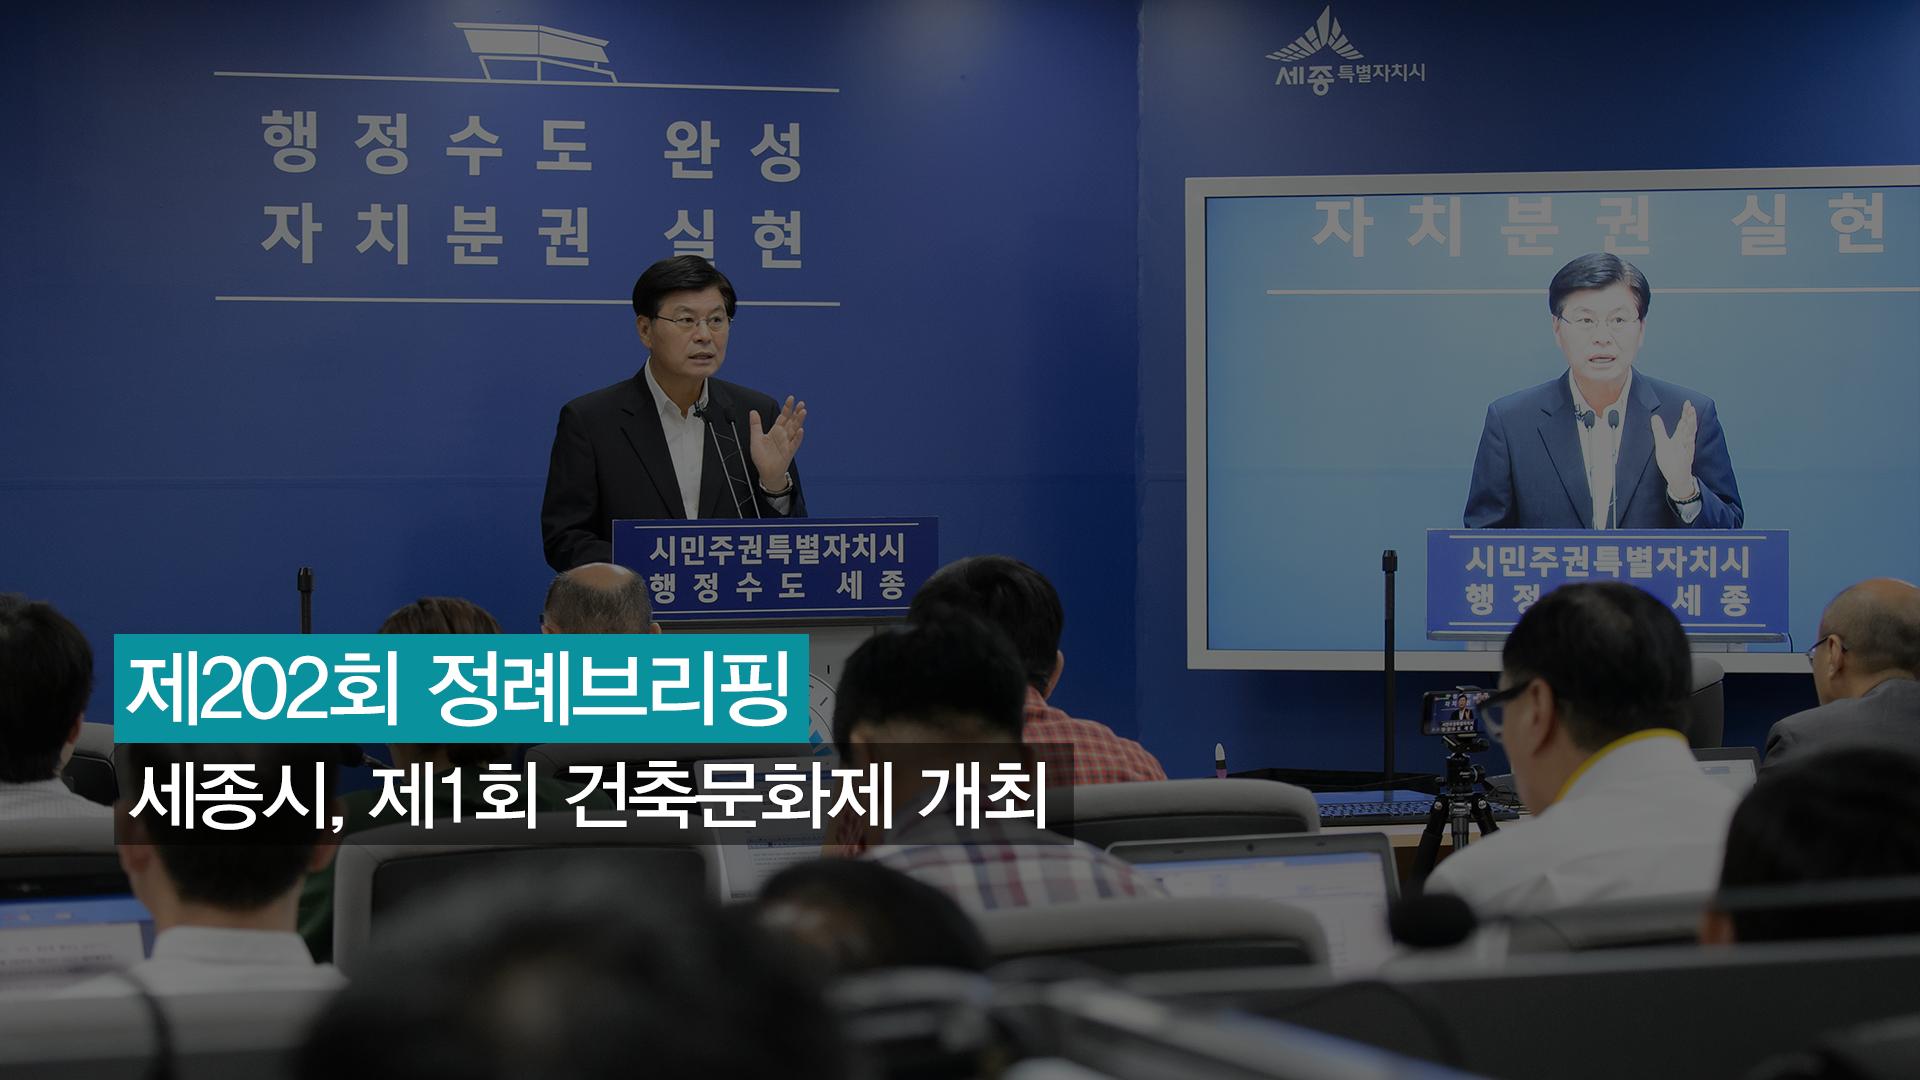 <202번째 정례브리핑> 세종시, 제1회 건축문화제 개최